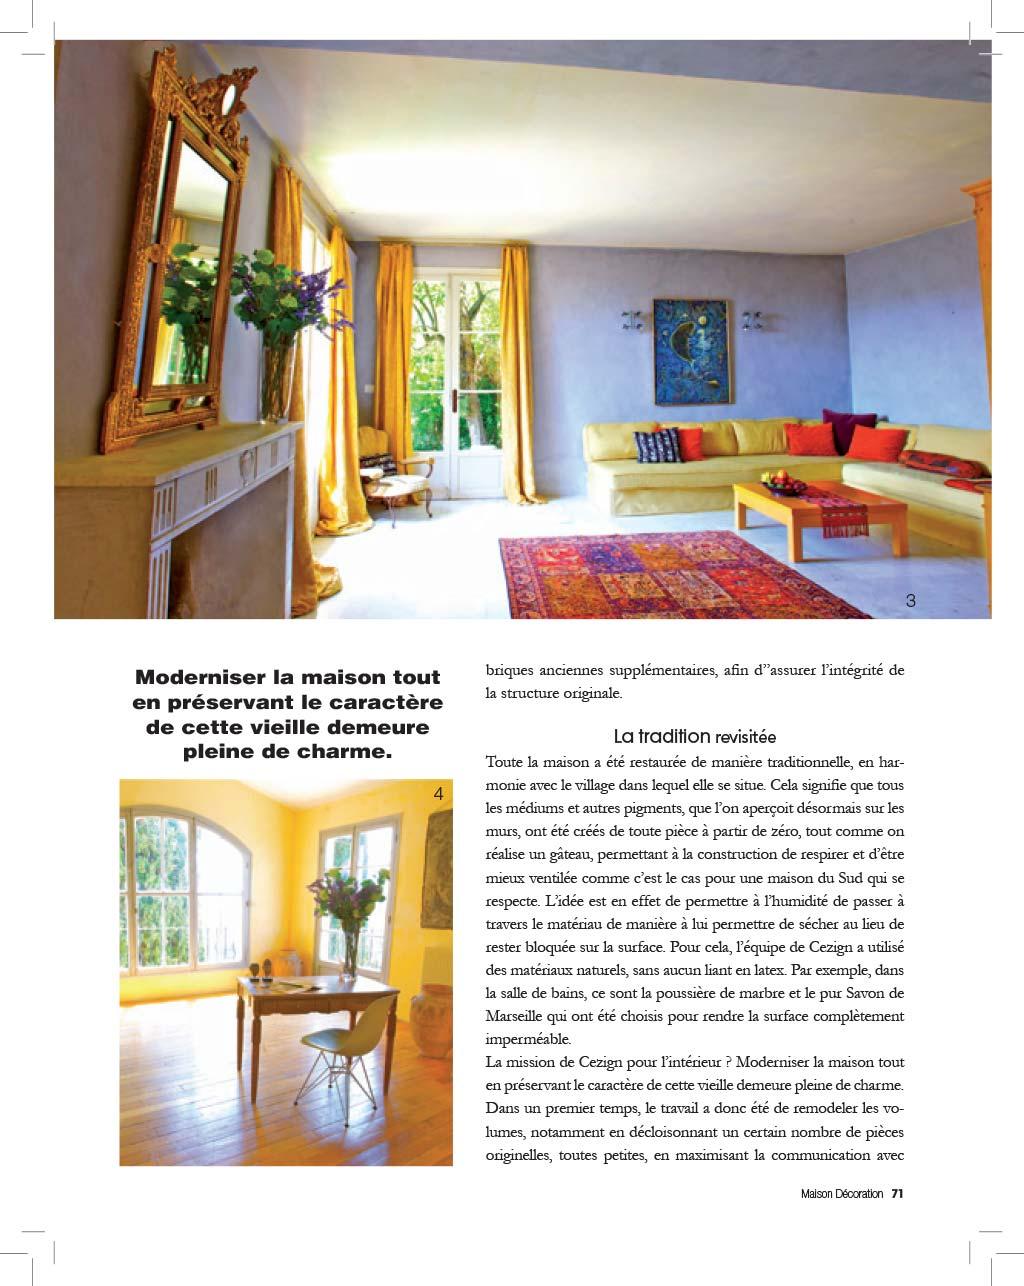 Decoration Originale Maison